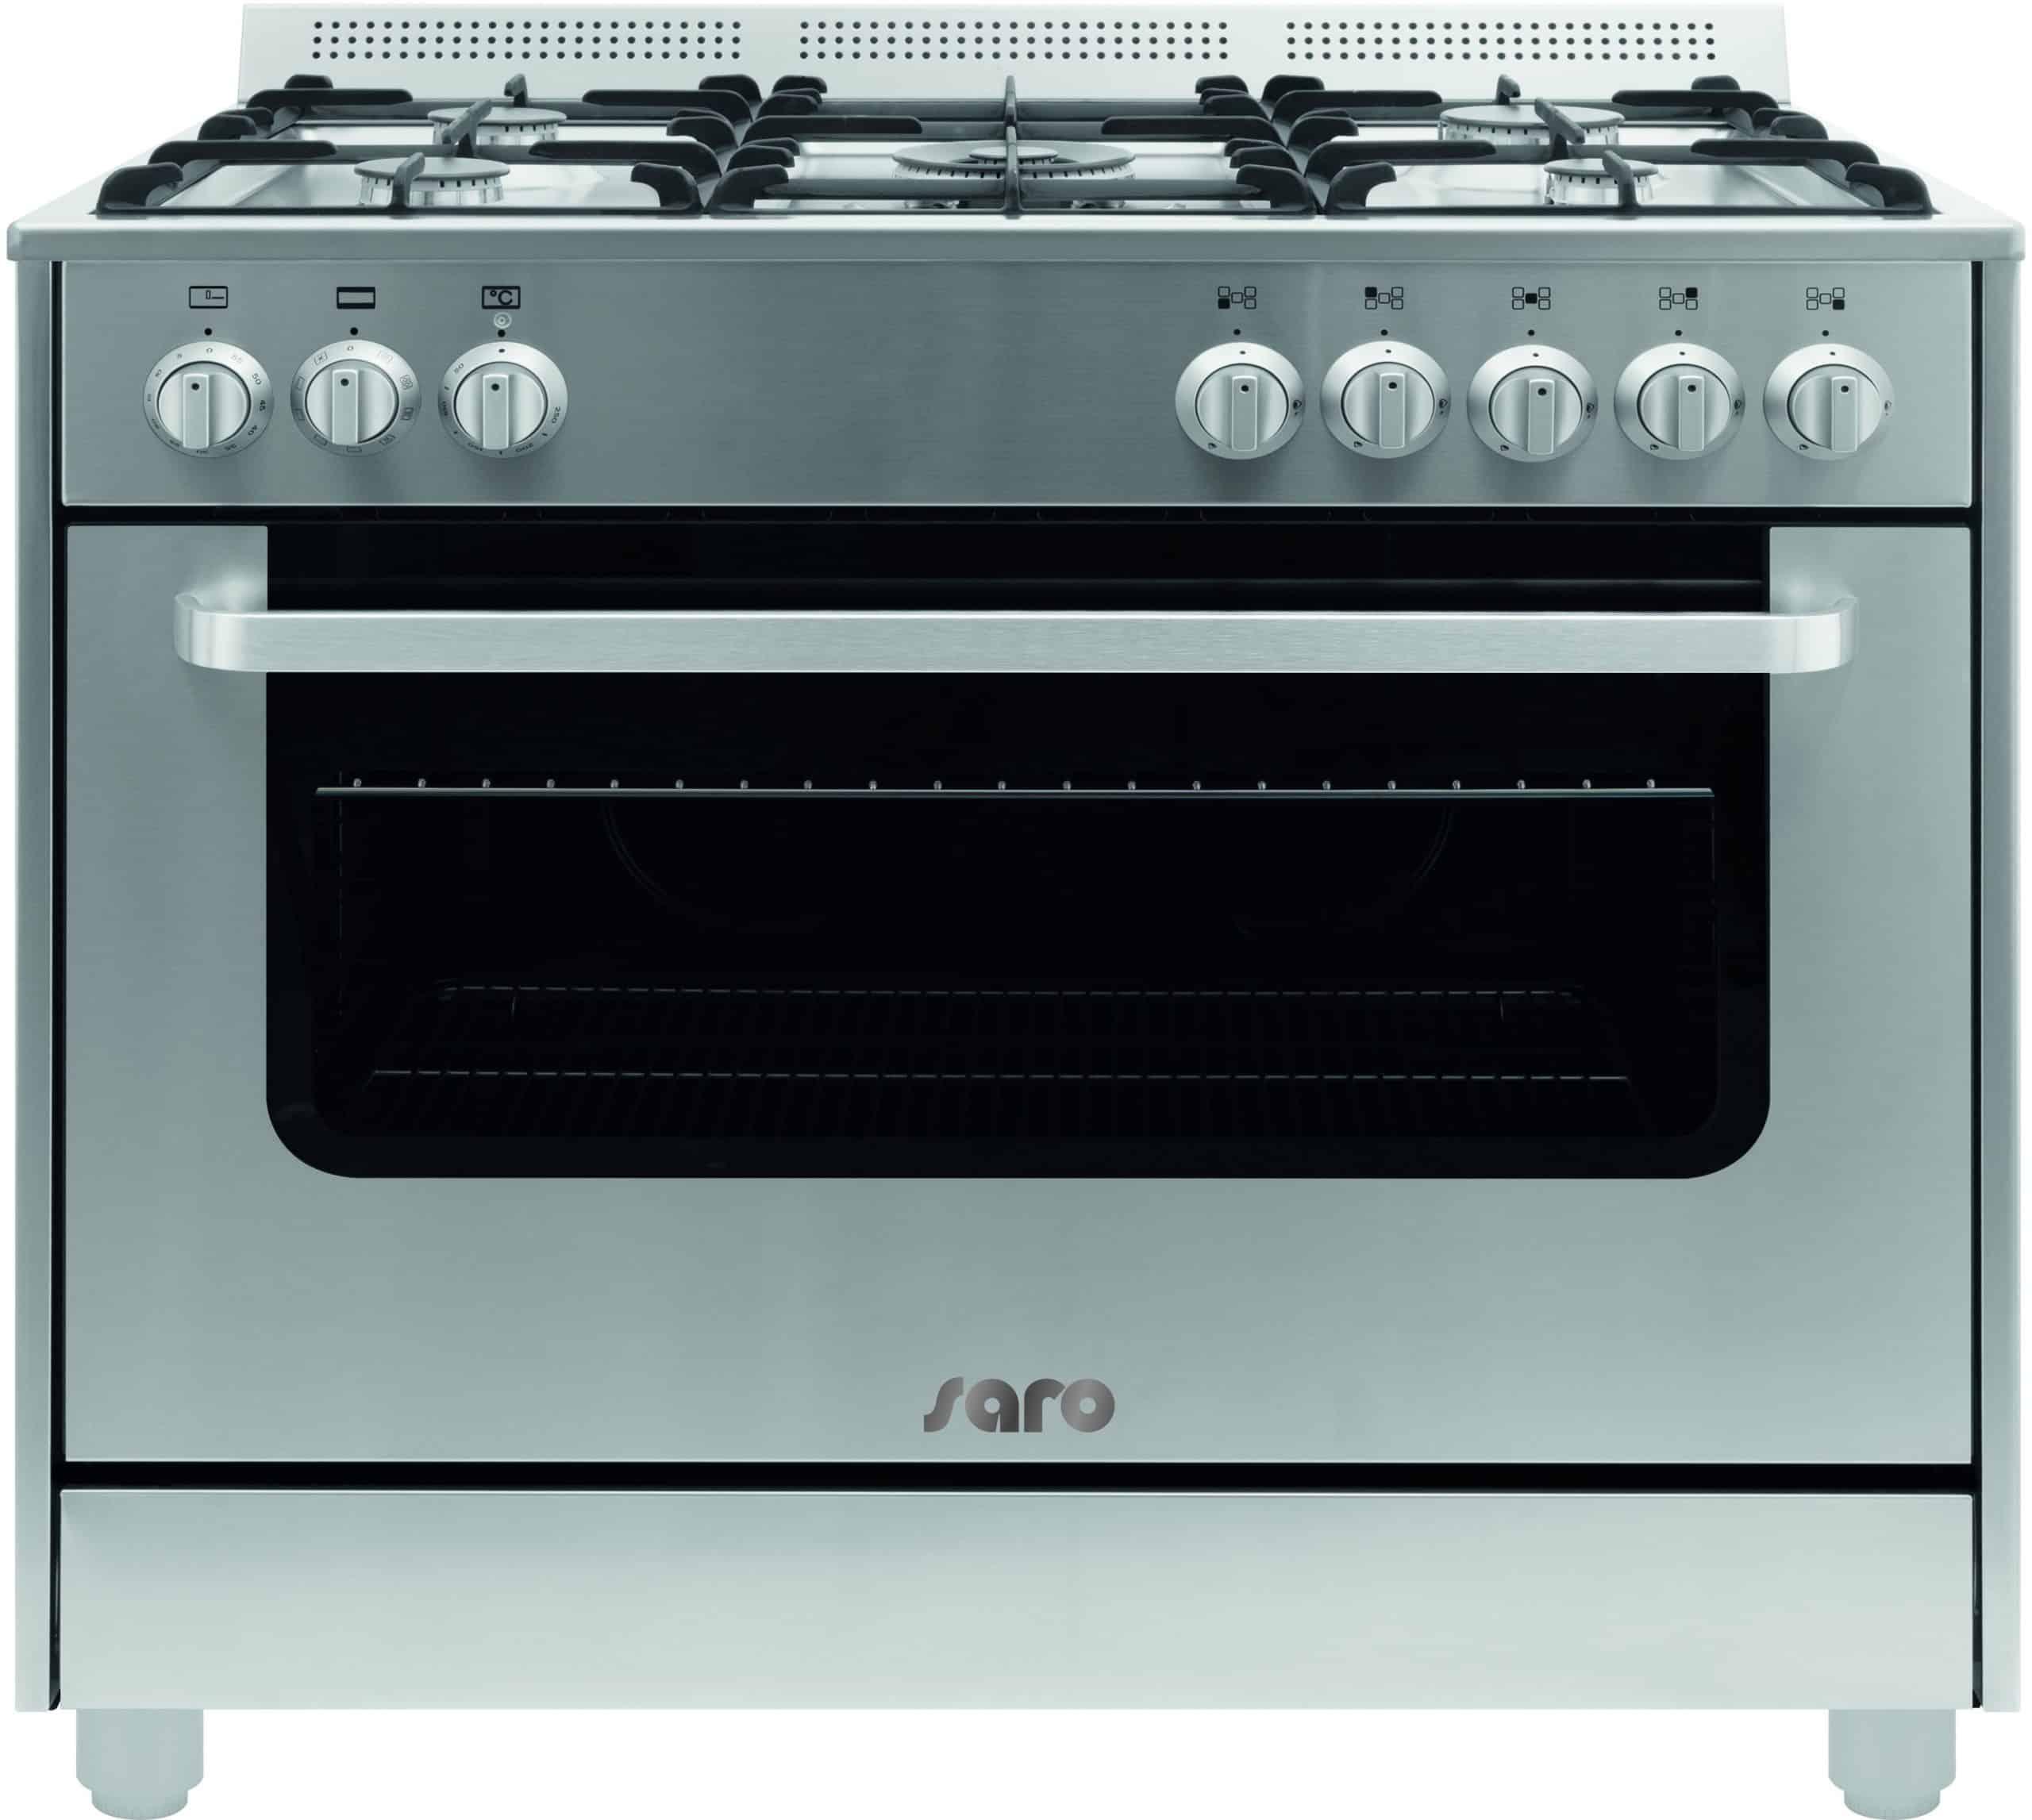 Saro Gastro-Products setzt auf den Trend zur Multifunktionalität - Multifunktionsherd